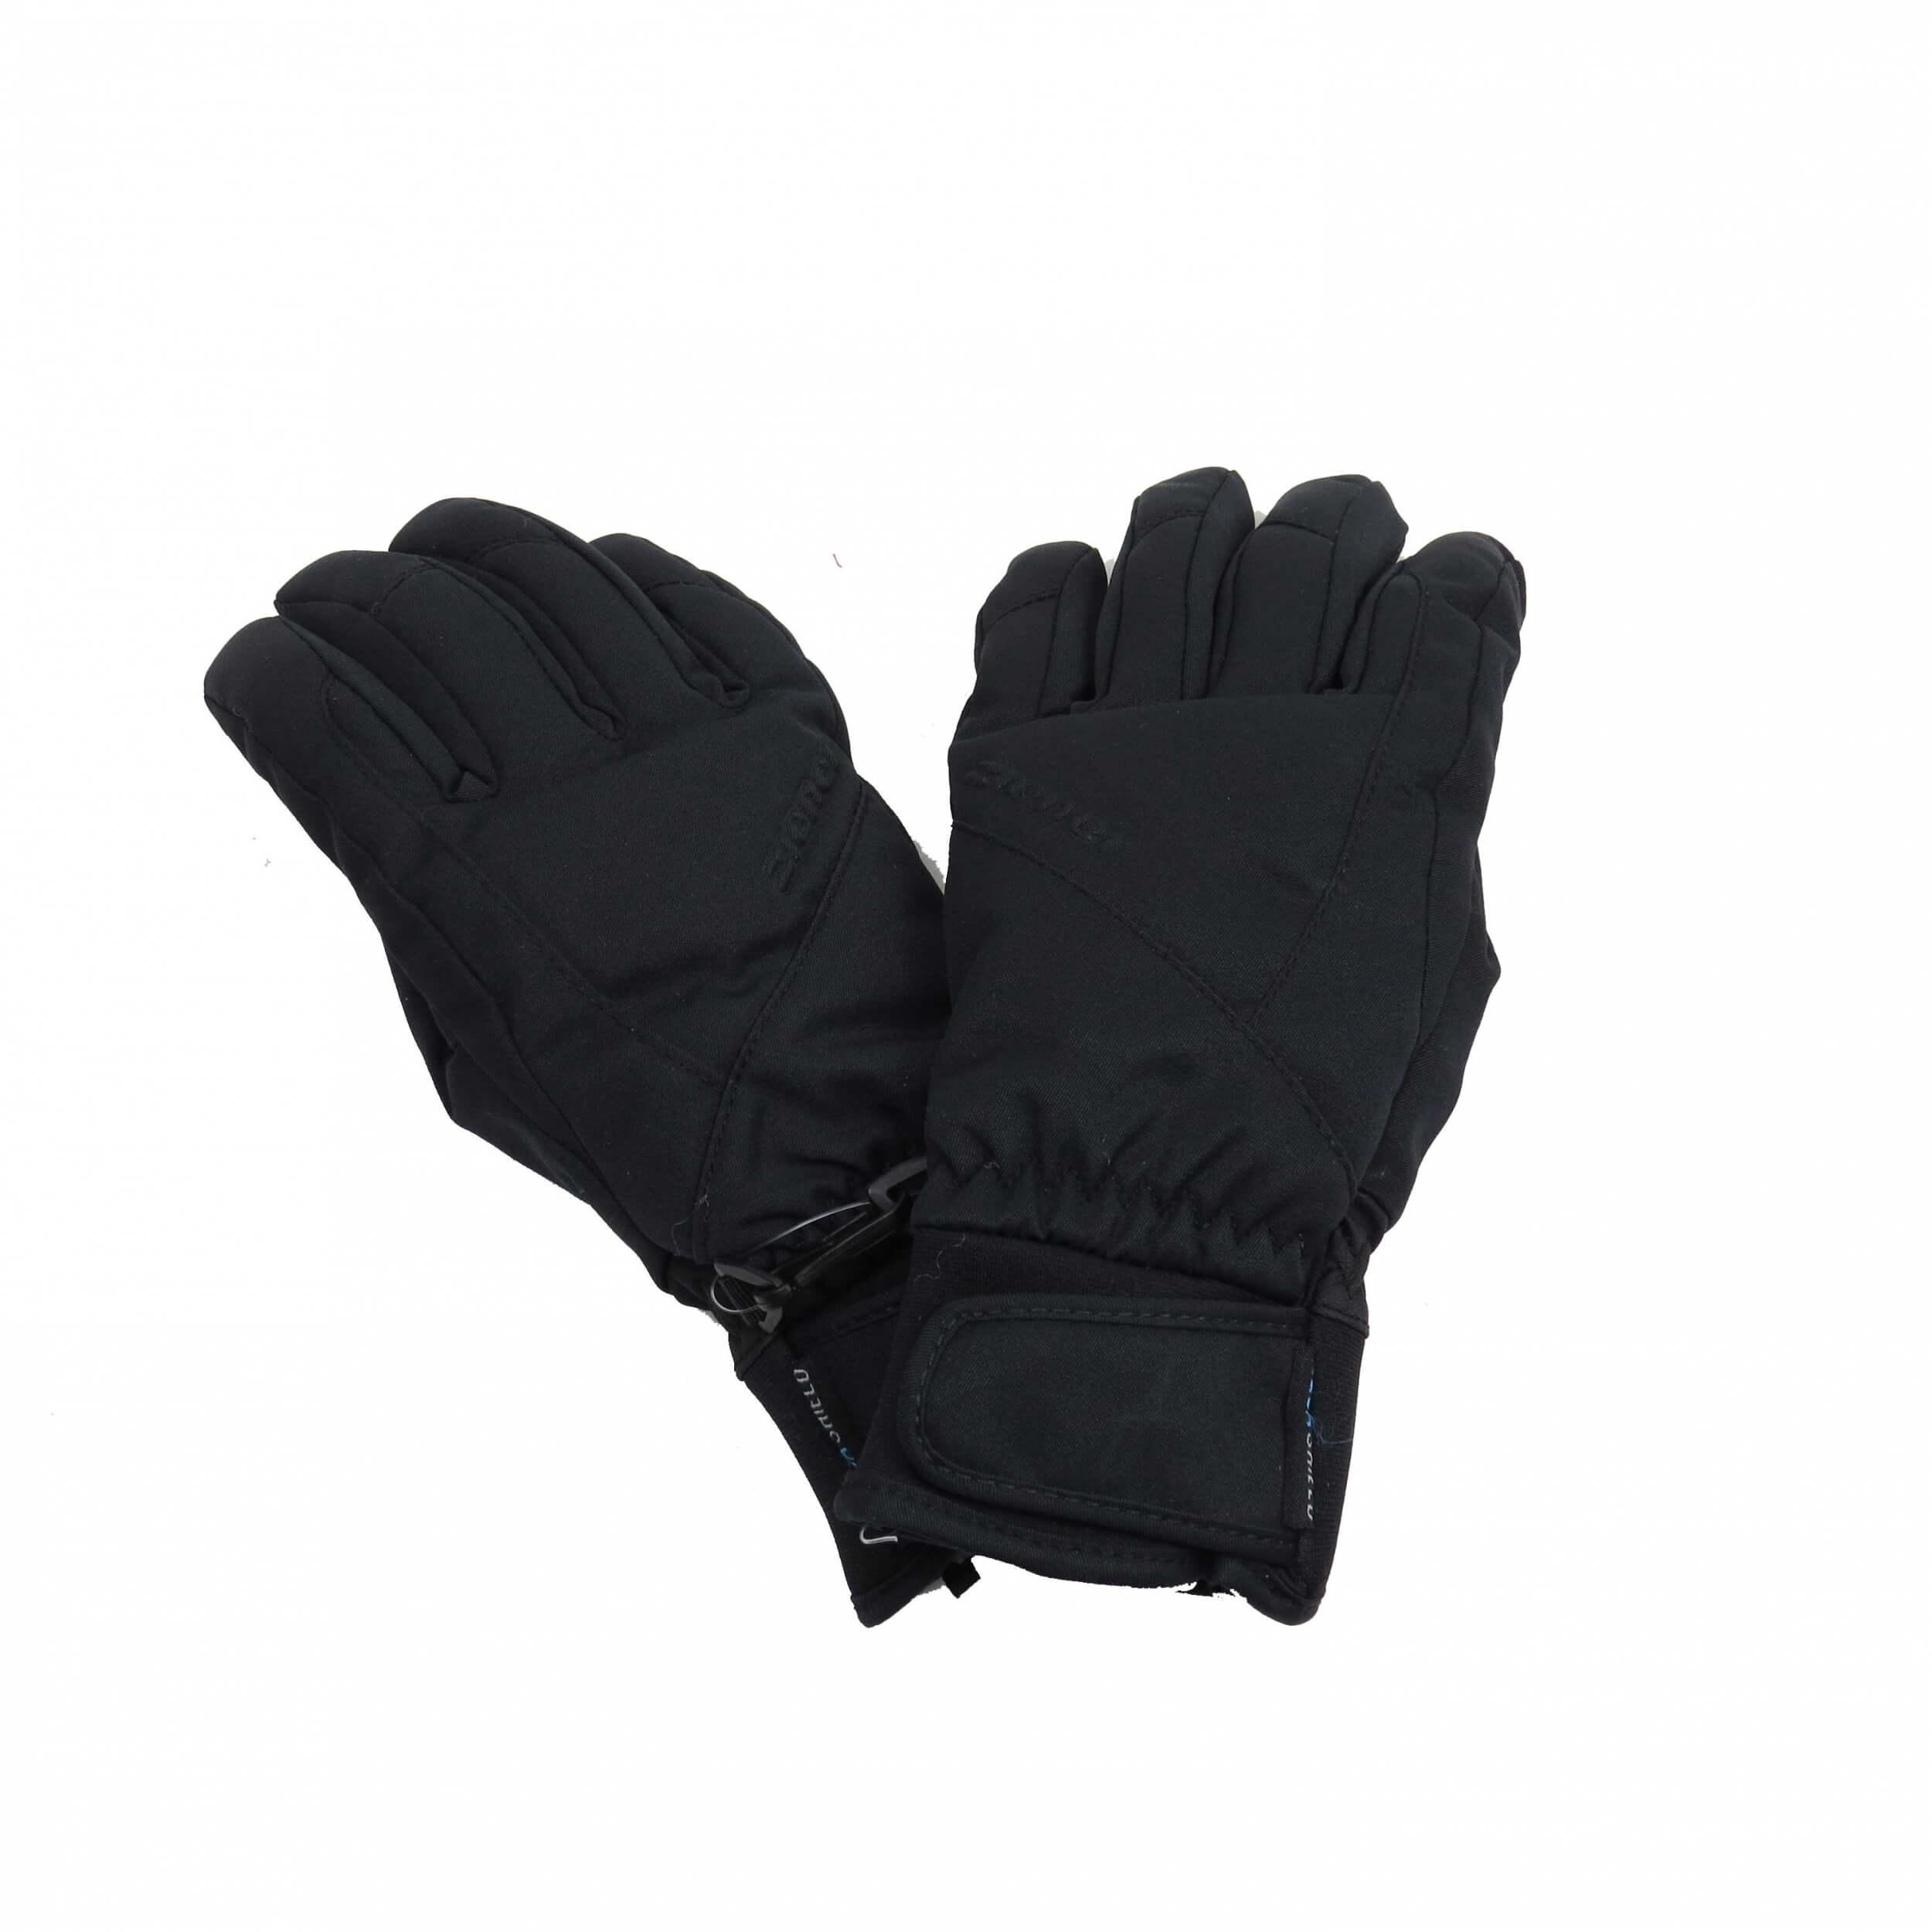 ZIENER Ski Handschuhe Kielo 12 schwarz